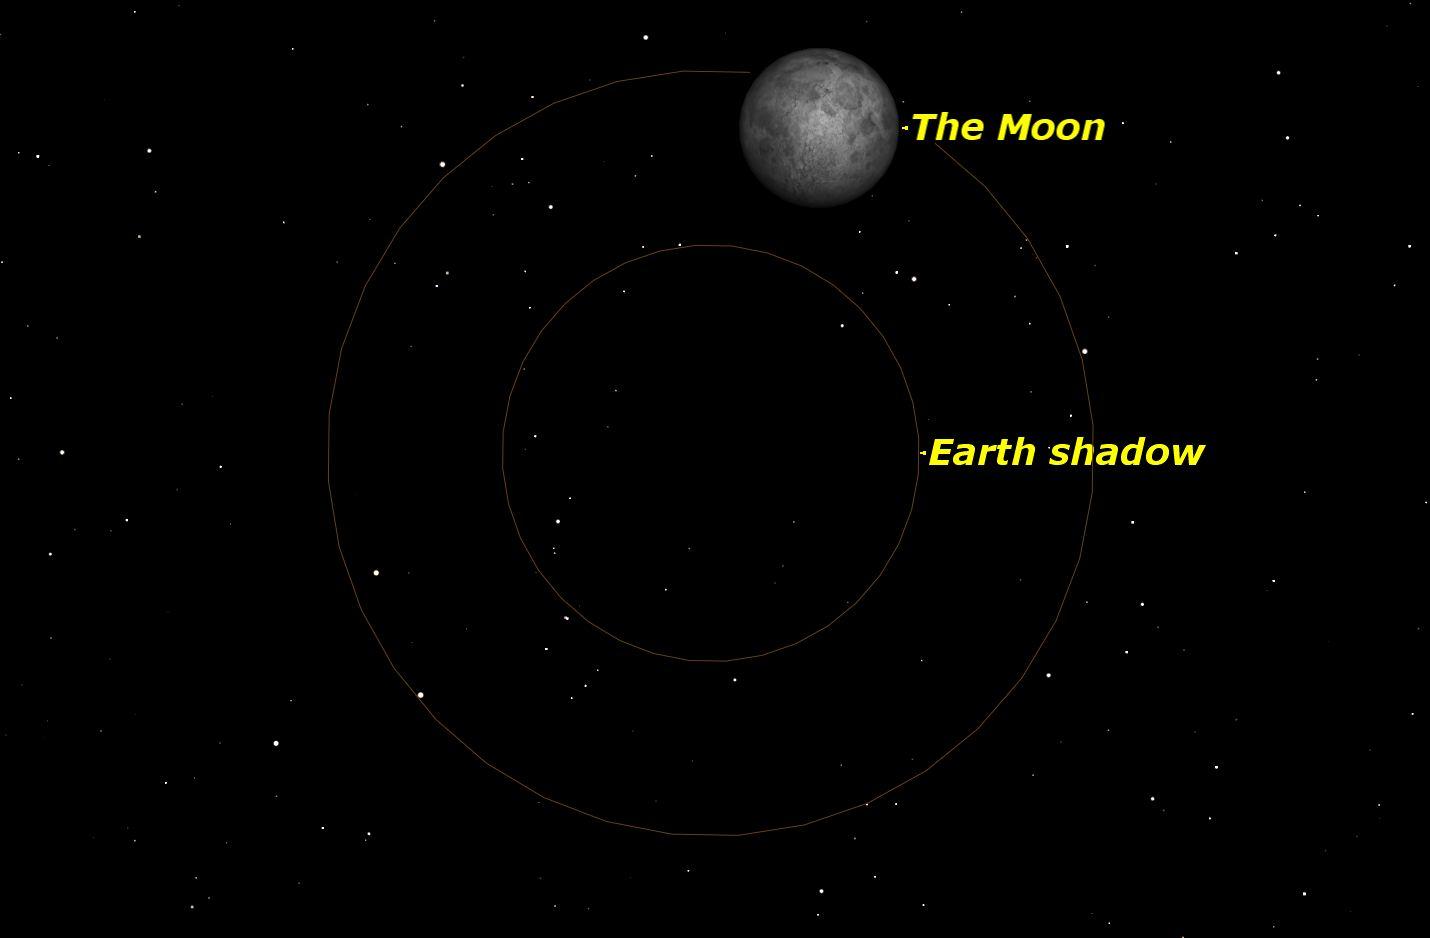 Minor Lunar Eclipse: Earth's Shadow to Darken Moon Wednesday